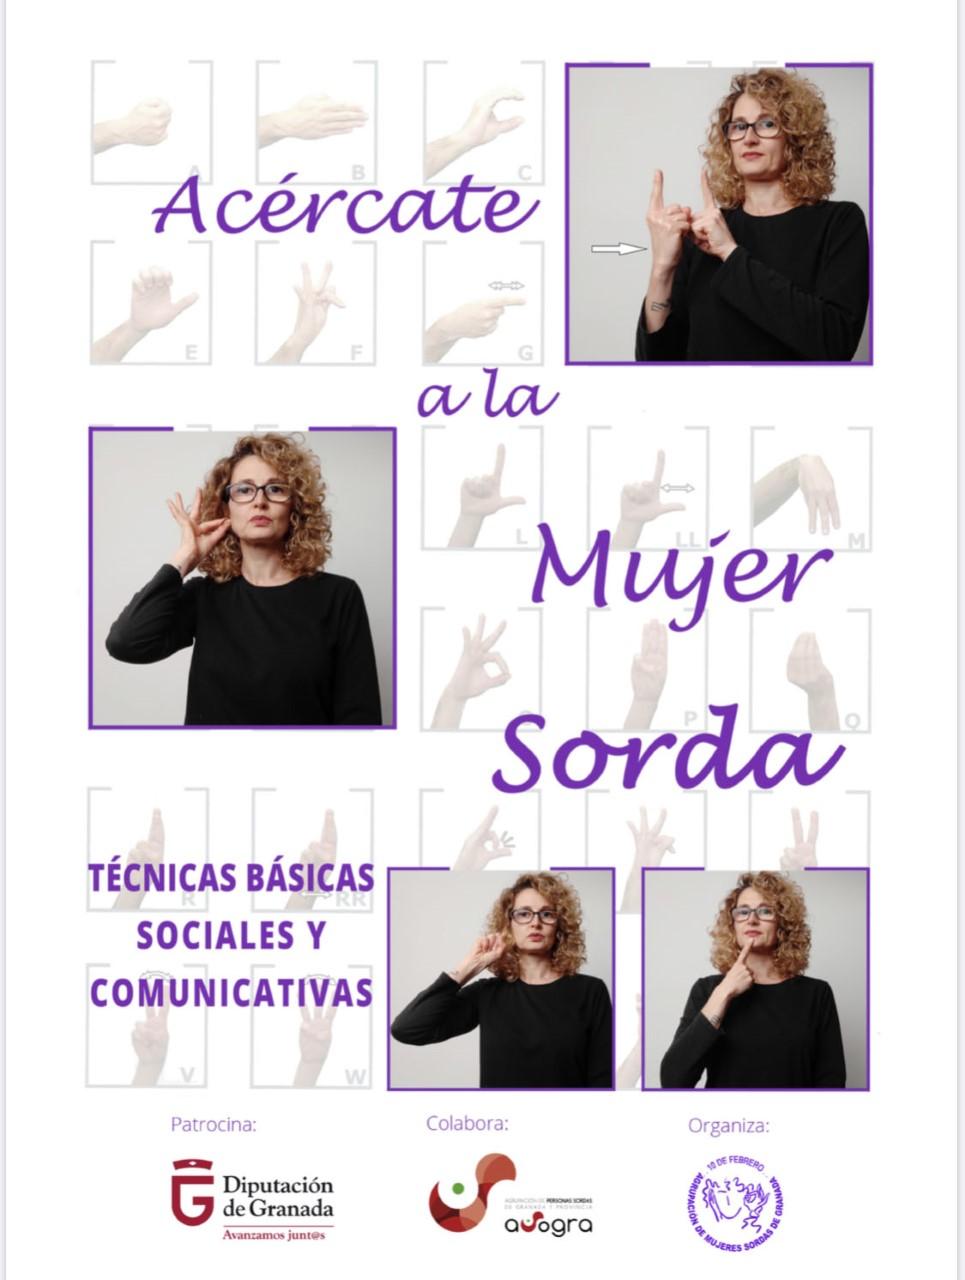 Curso de lengua de signos para atender a mujeres sordas que sufren violencia de género